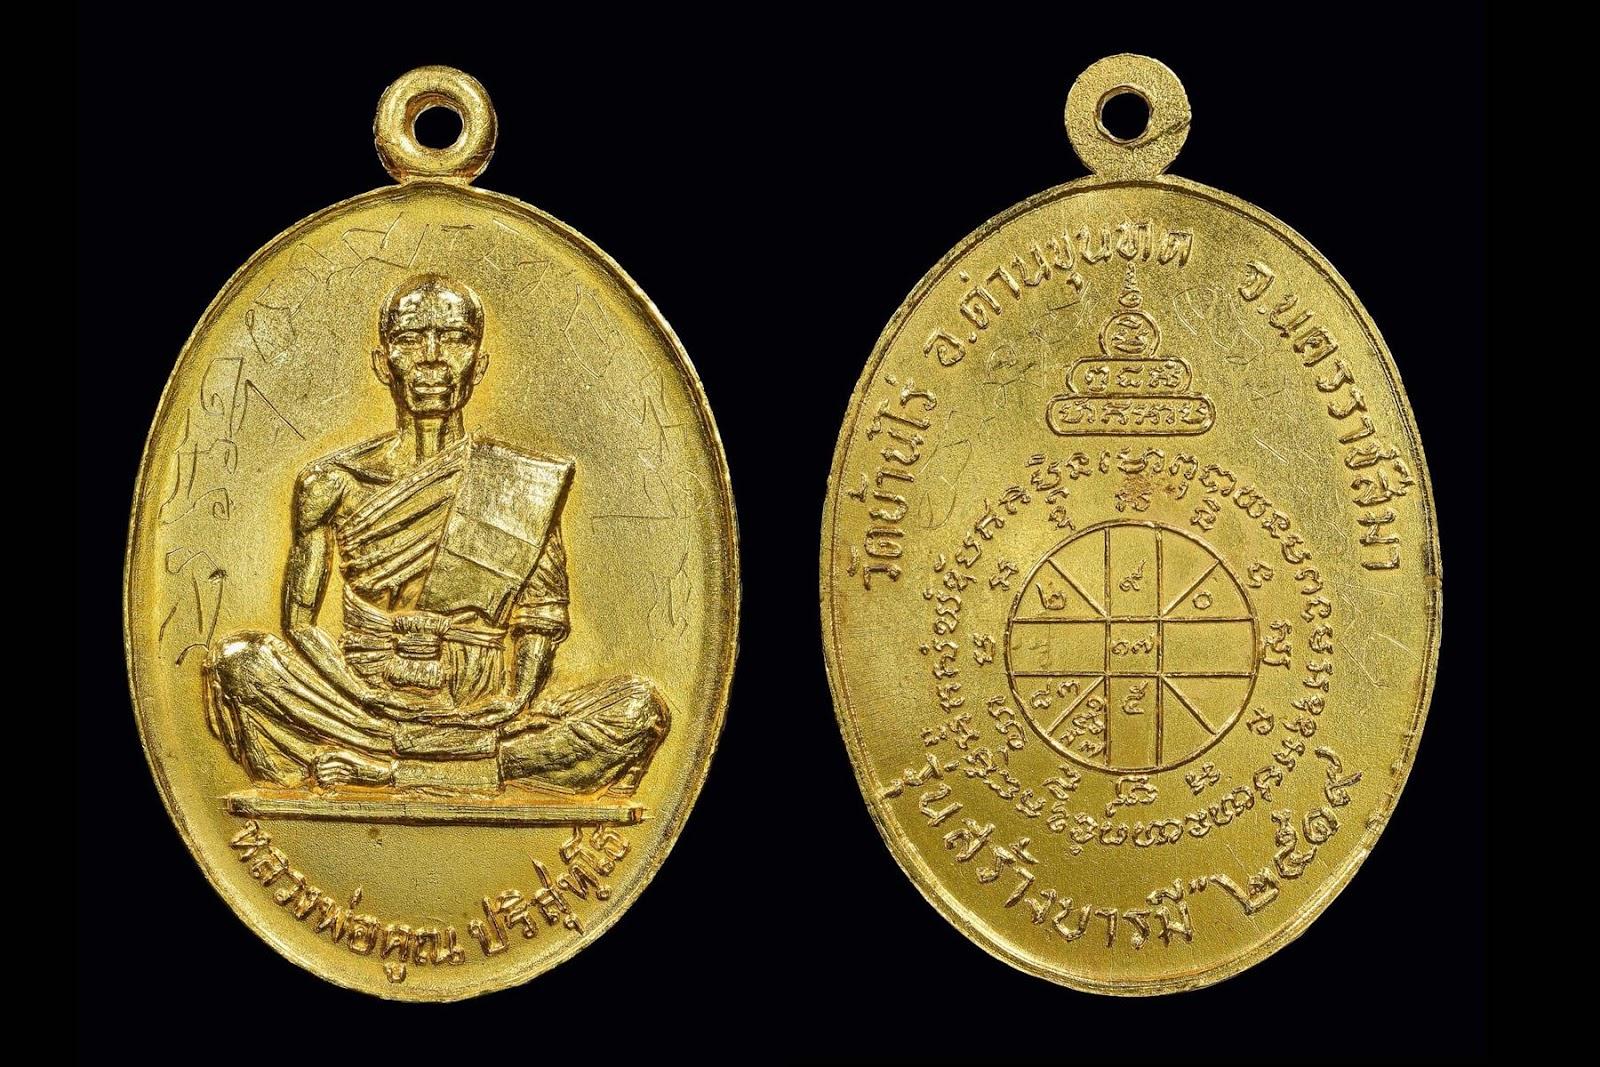 3. เหรียญหลวงพ่อคูณ รุ่นสร้างบารมี ปี 2519